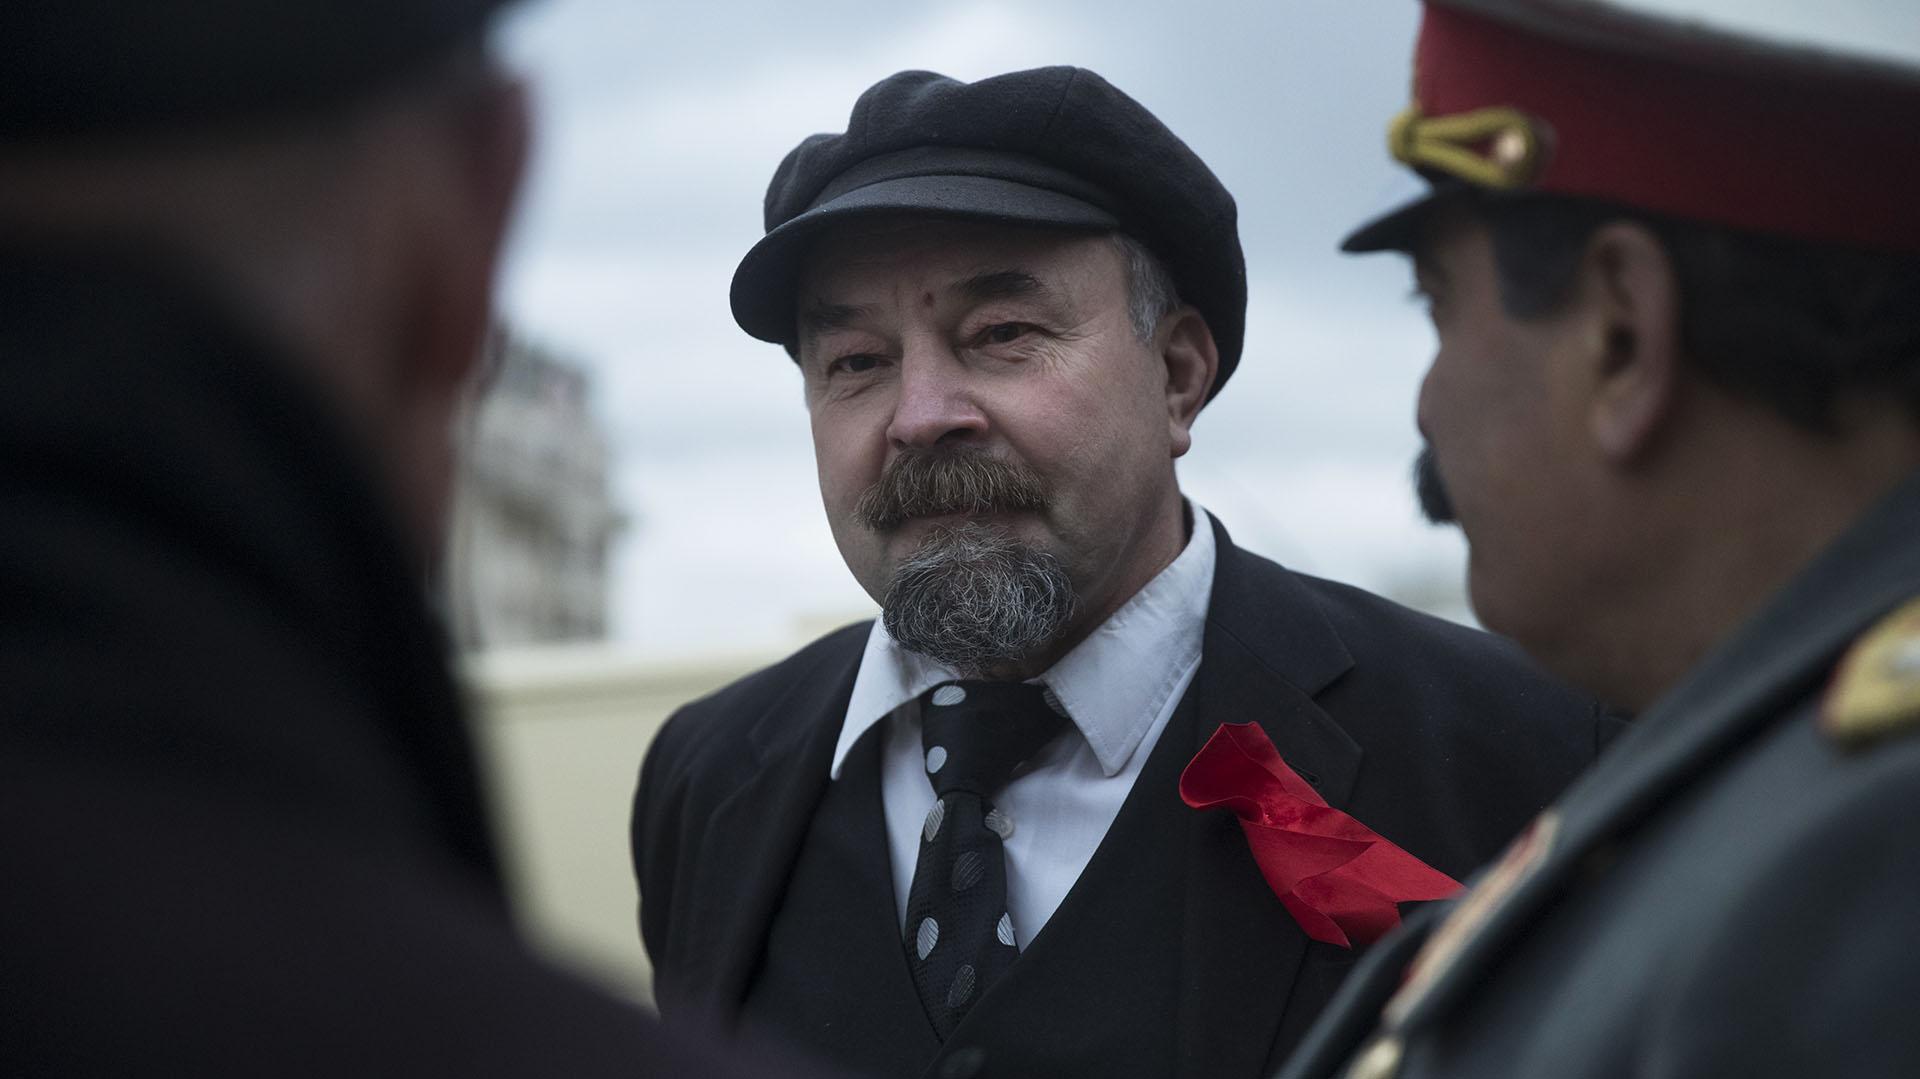 Sergei Soloviev (AP Photo/Pavel Golovkin)